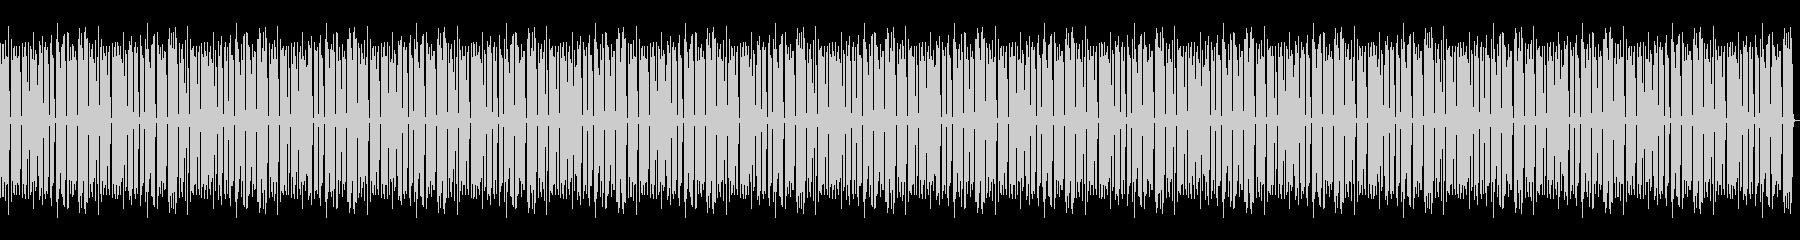 知育・子供・パズル・日常ピアノ54Lの未再生の波形